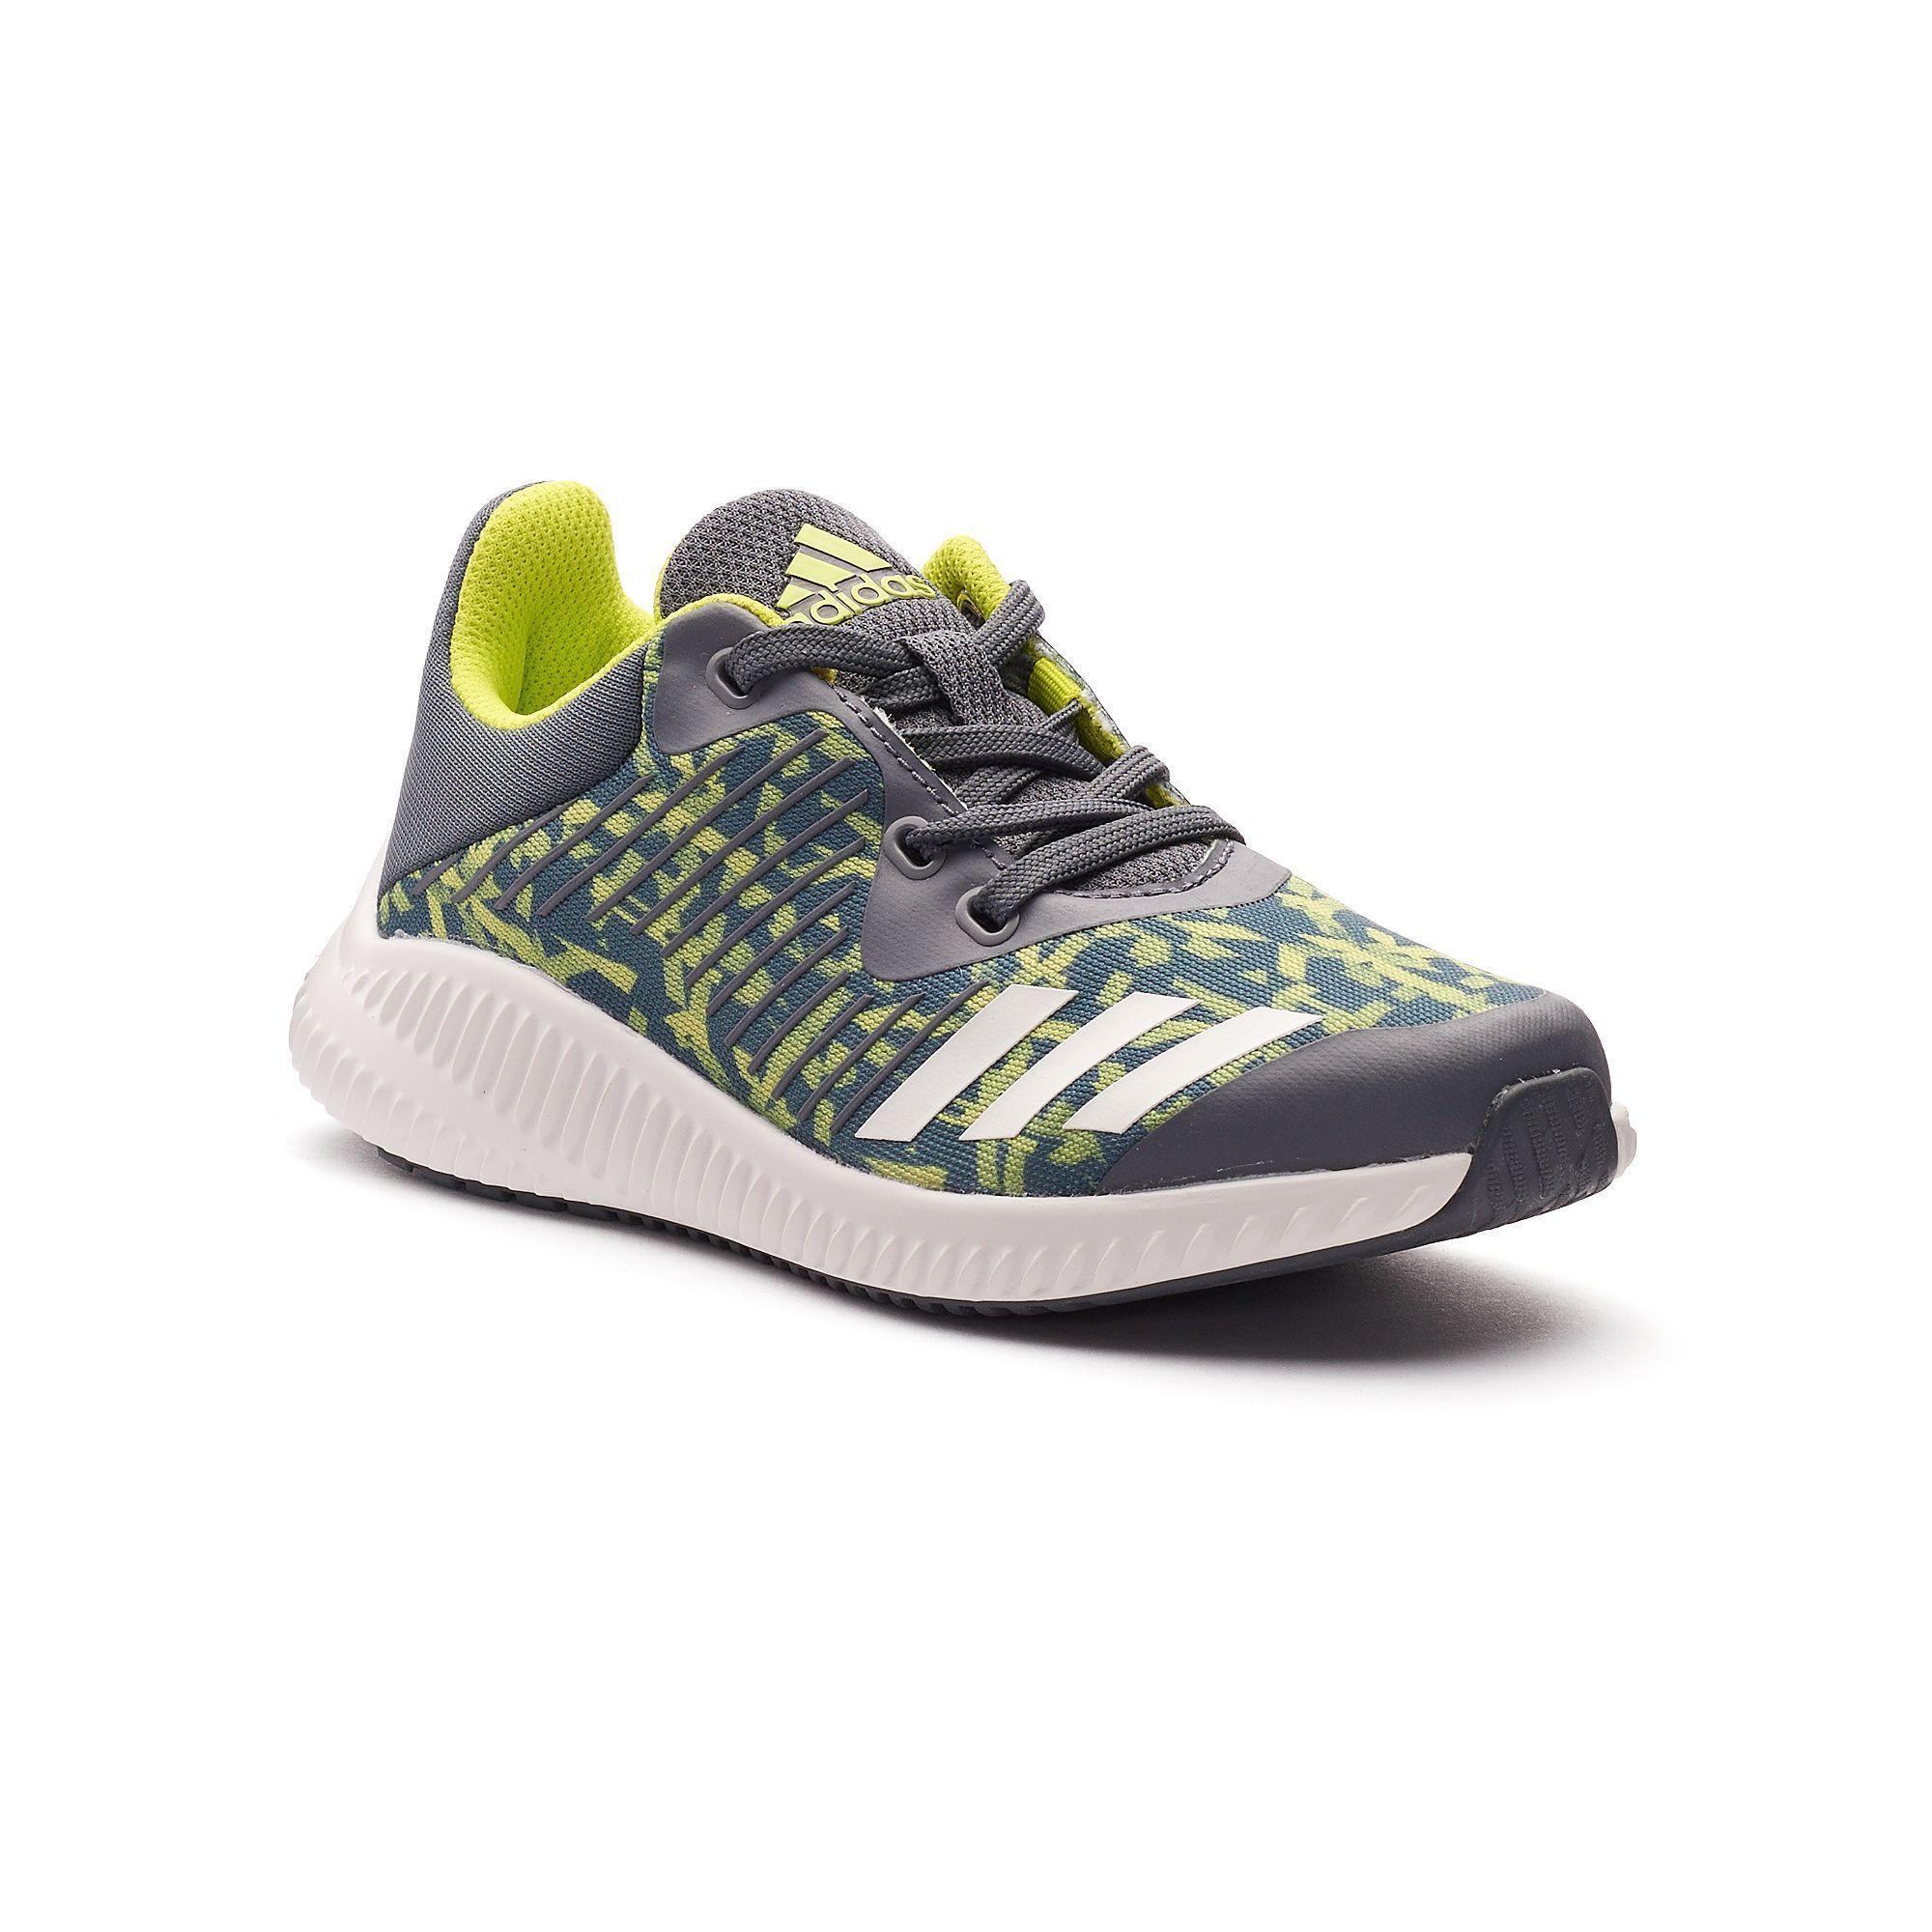 adidas FortaRun Boys' Running Shoes